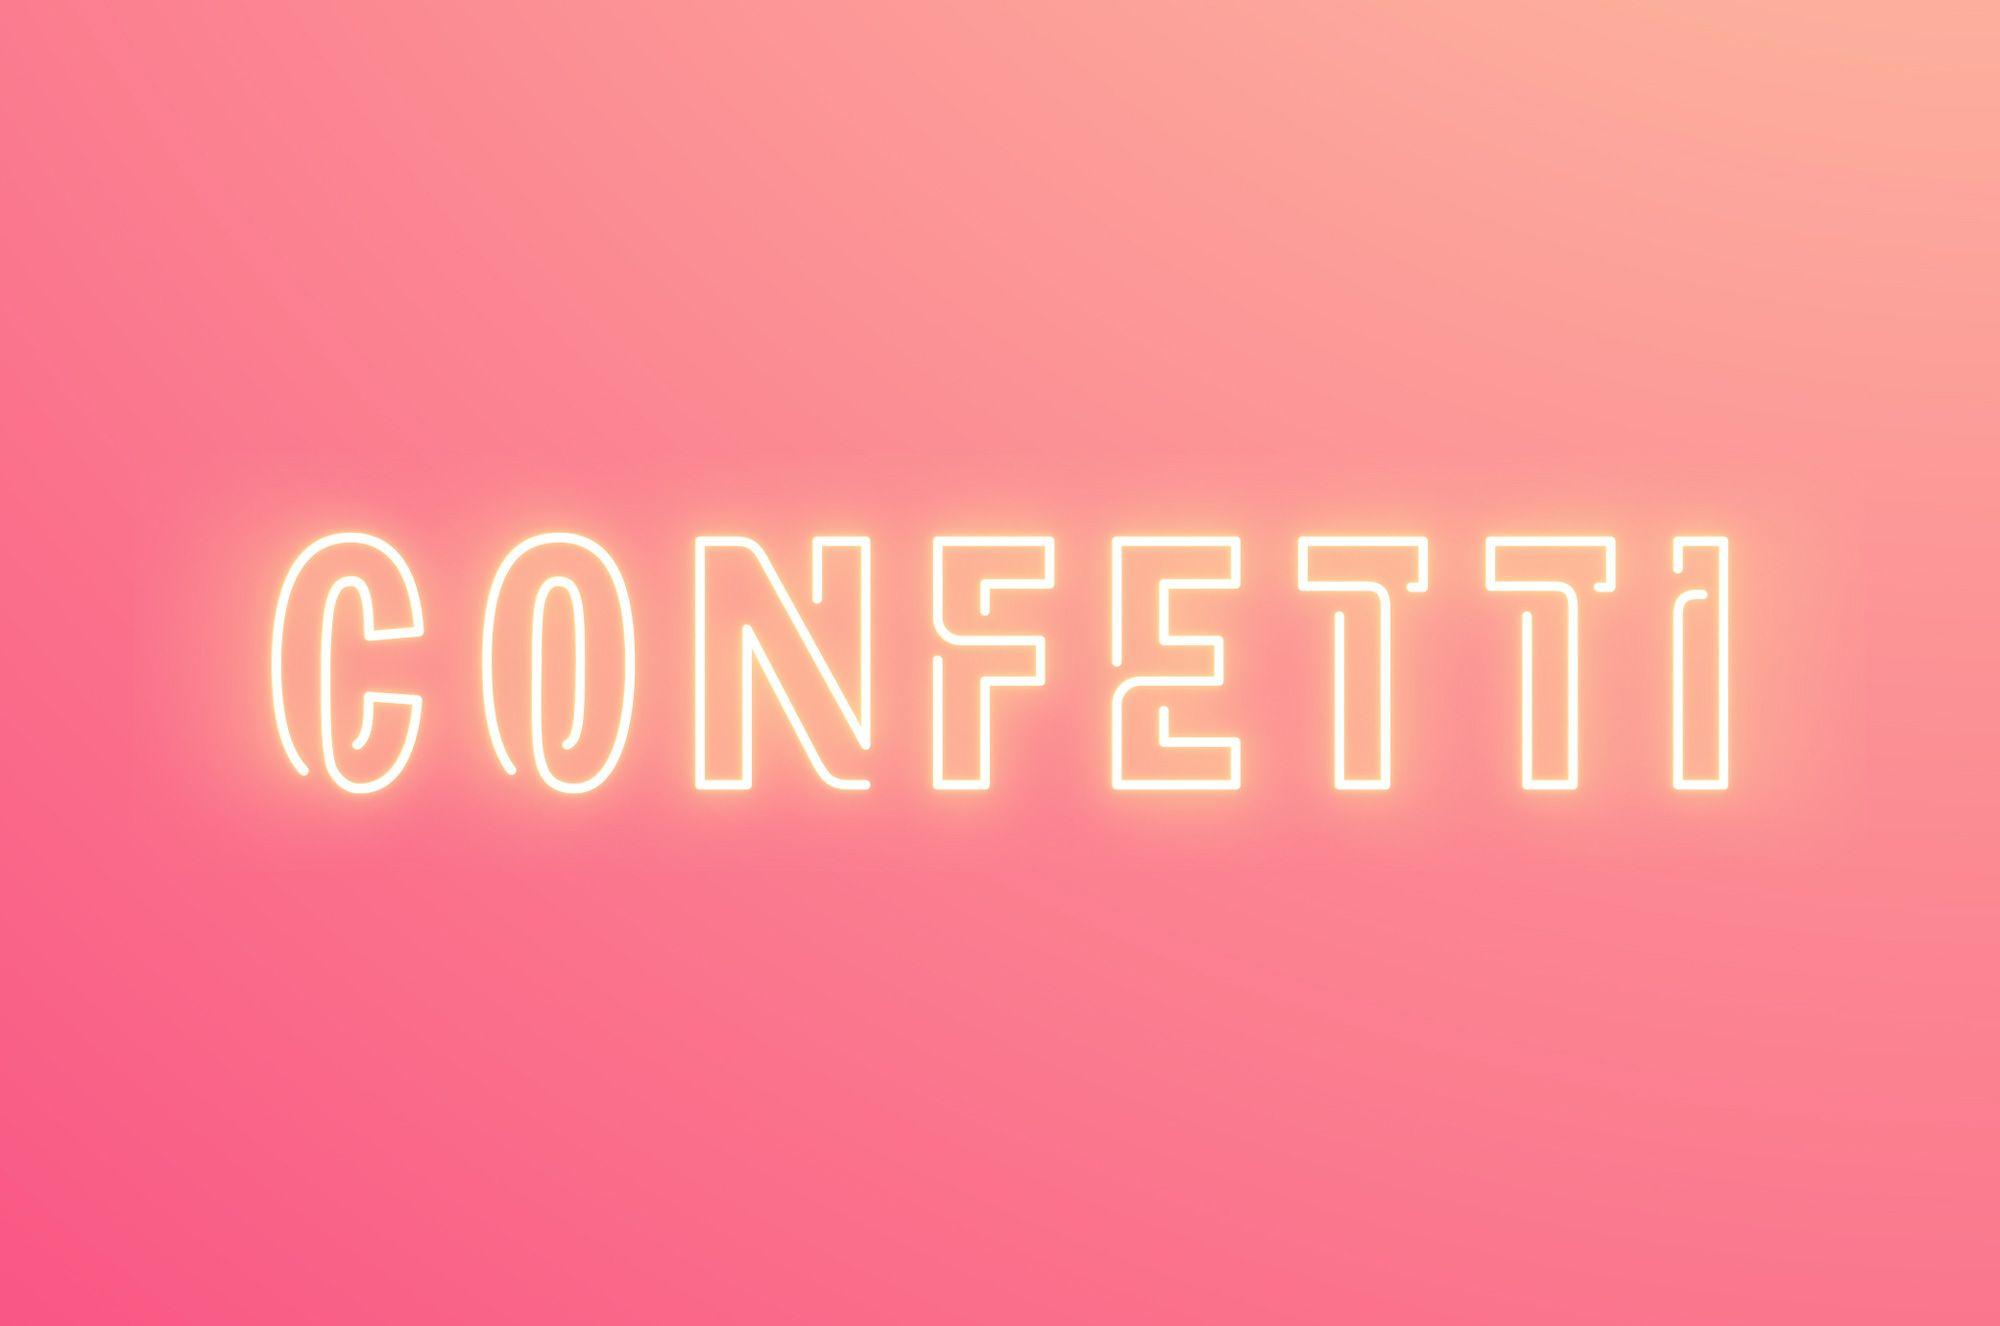 Corporate Logo Confetti